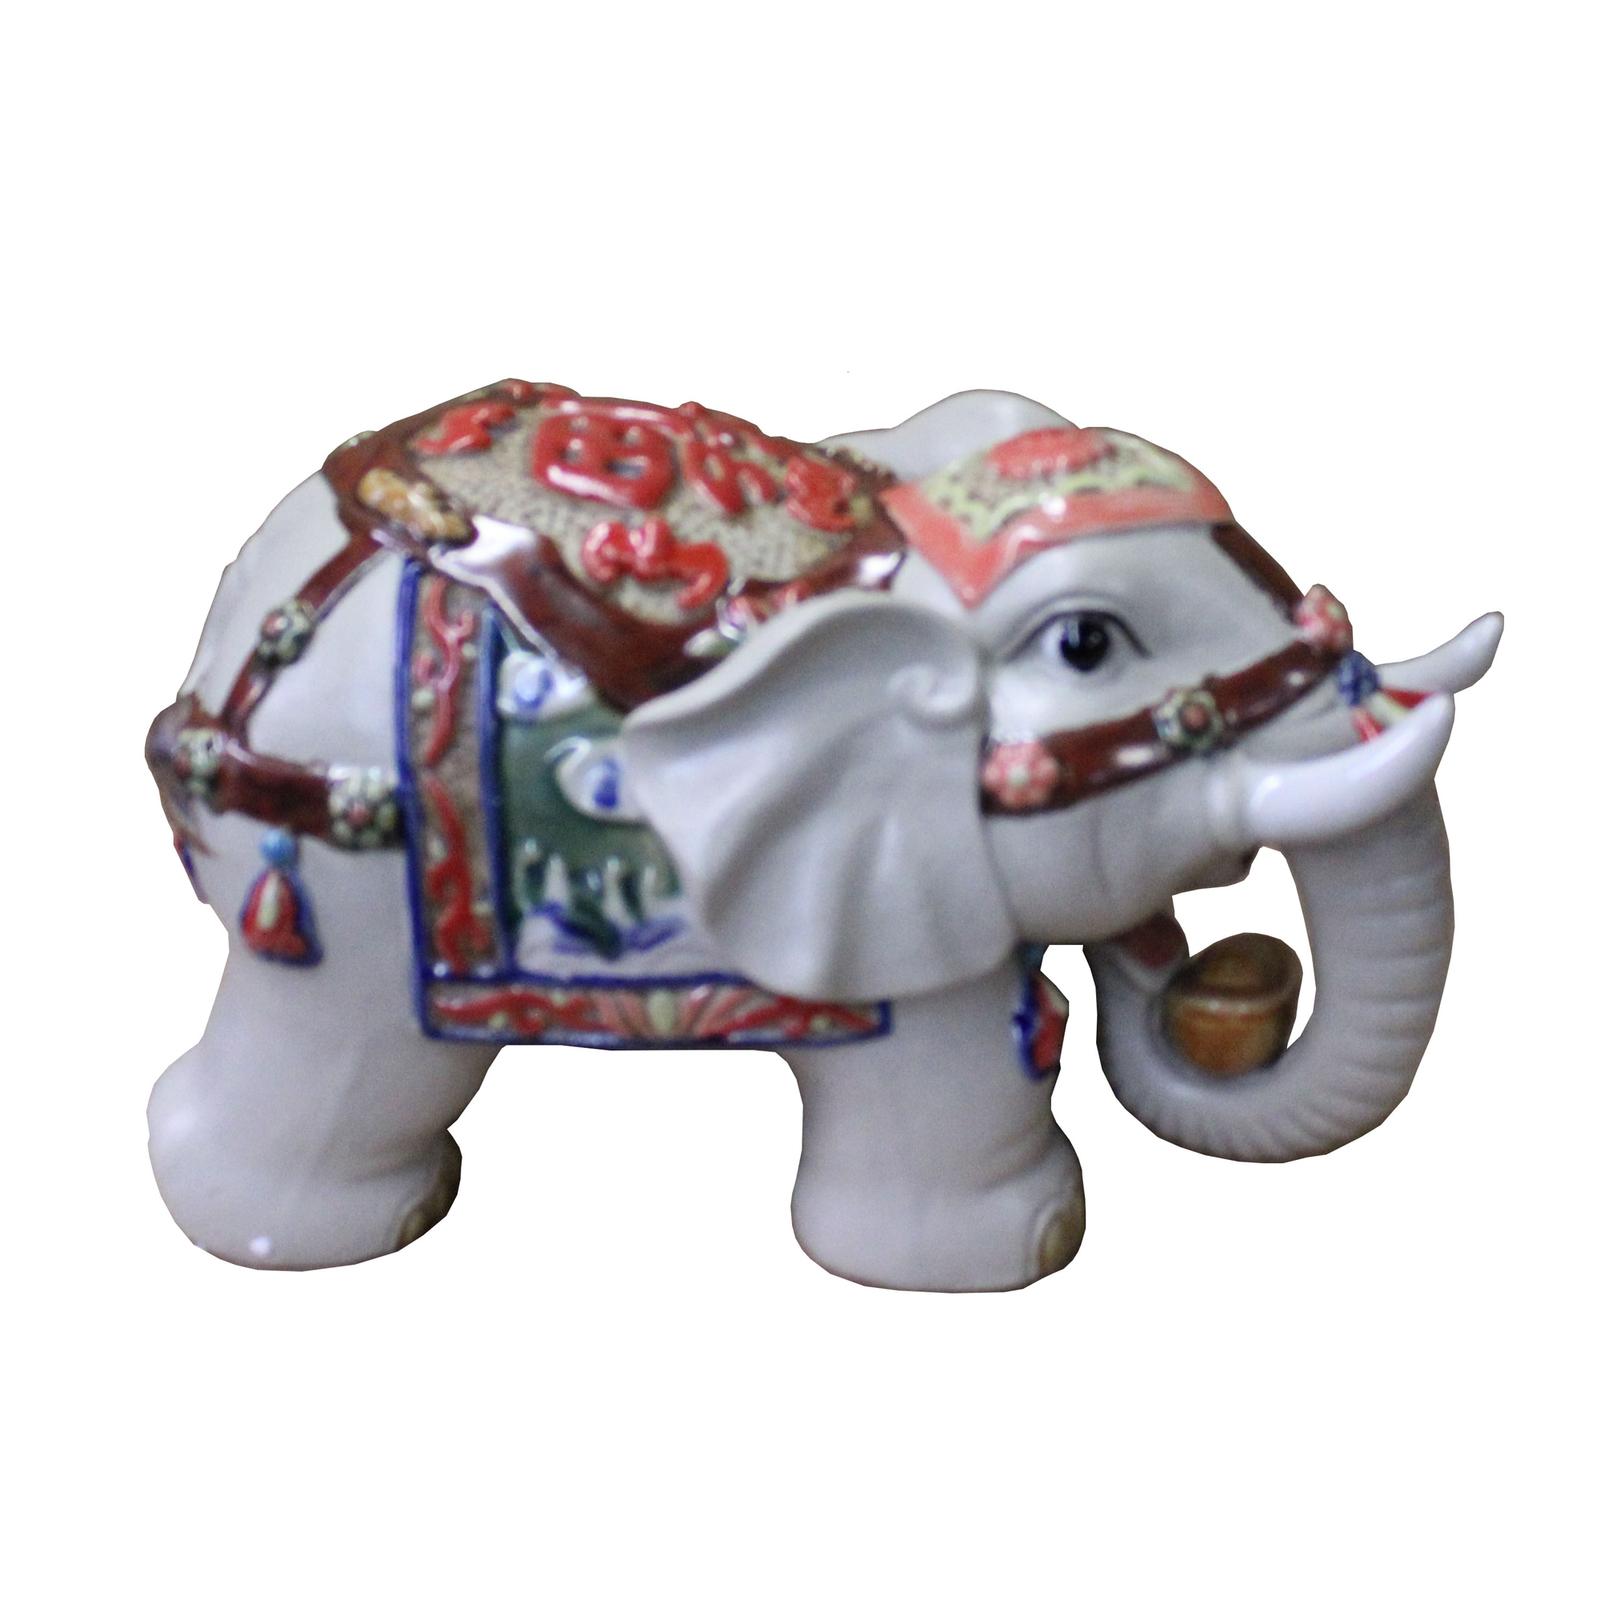 DOLLHOUSE MINIATURE ELEPHANT WITH RAISED TRUNKS ..1//2 INCH HIGH